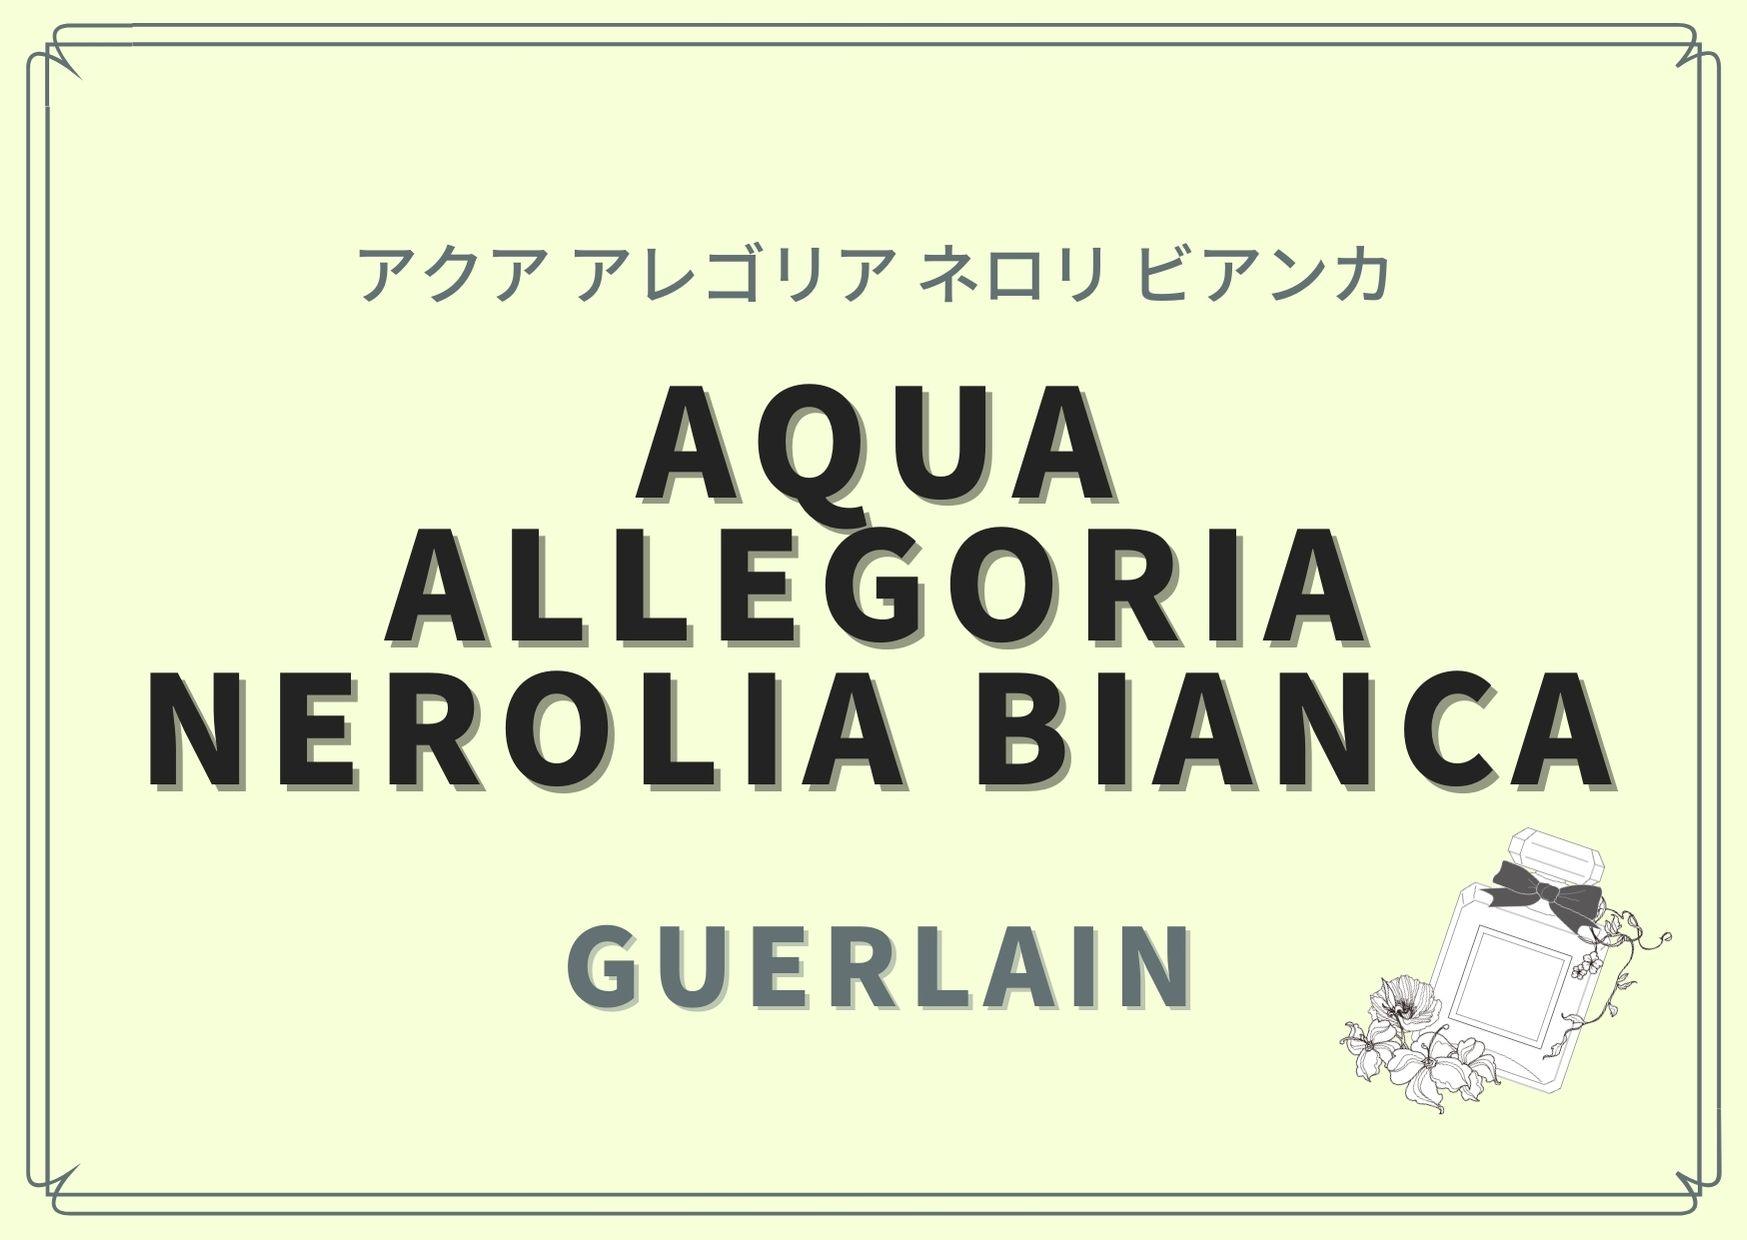 Aqua Allegoria Nerolia Bianca(アクア アレゴリア ネロリ ビアンカ)/GUERLAIN(ゲラン)